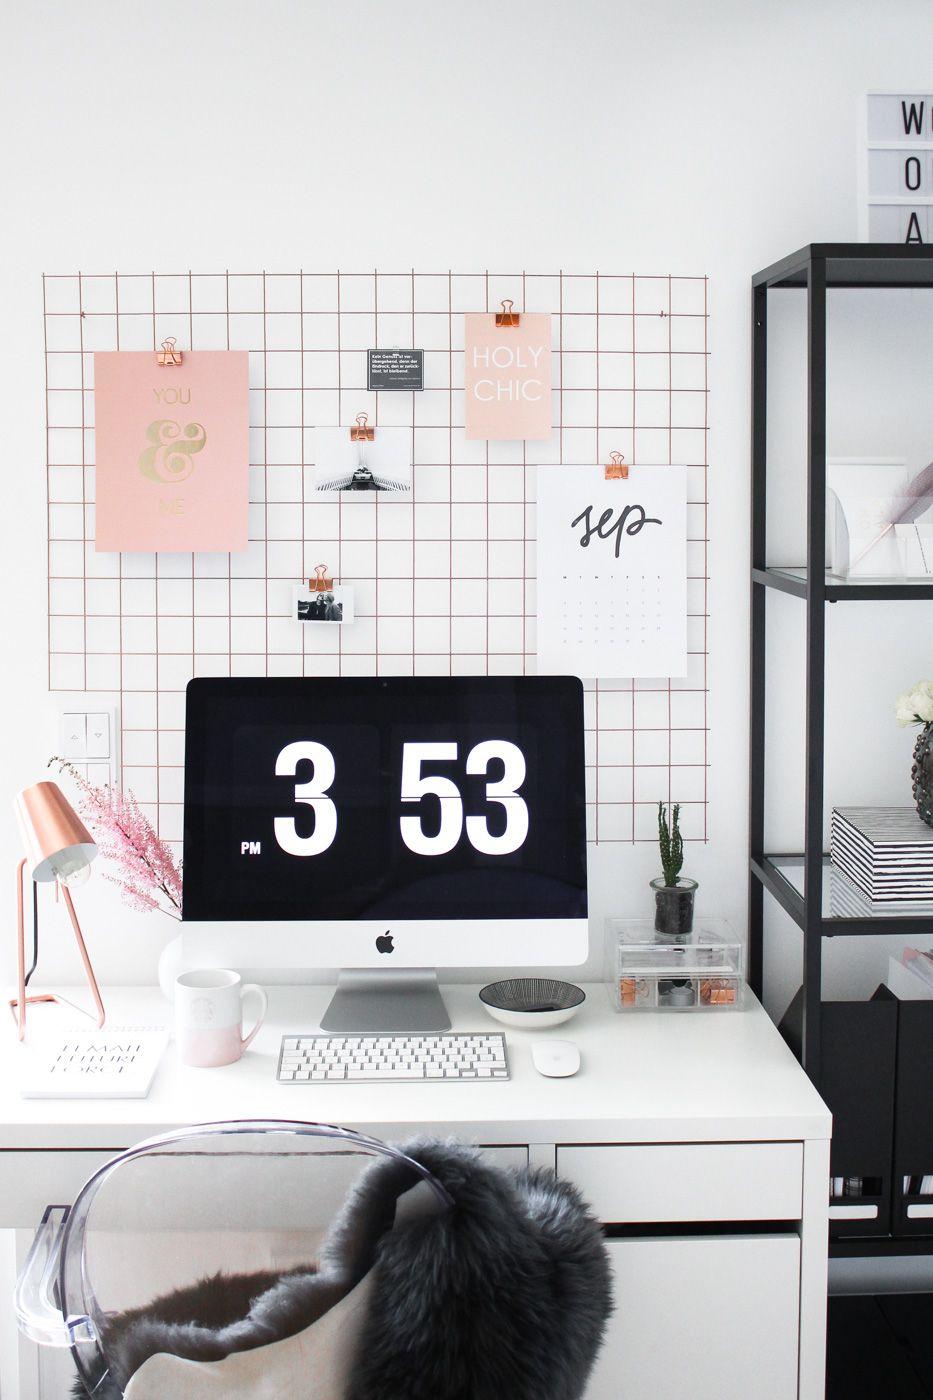 Zuhause Arbeiten: Inspirierendes Home-Office | Zuhause arbeiten ...